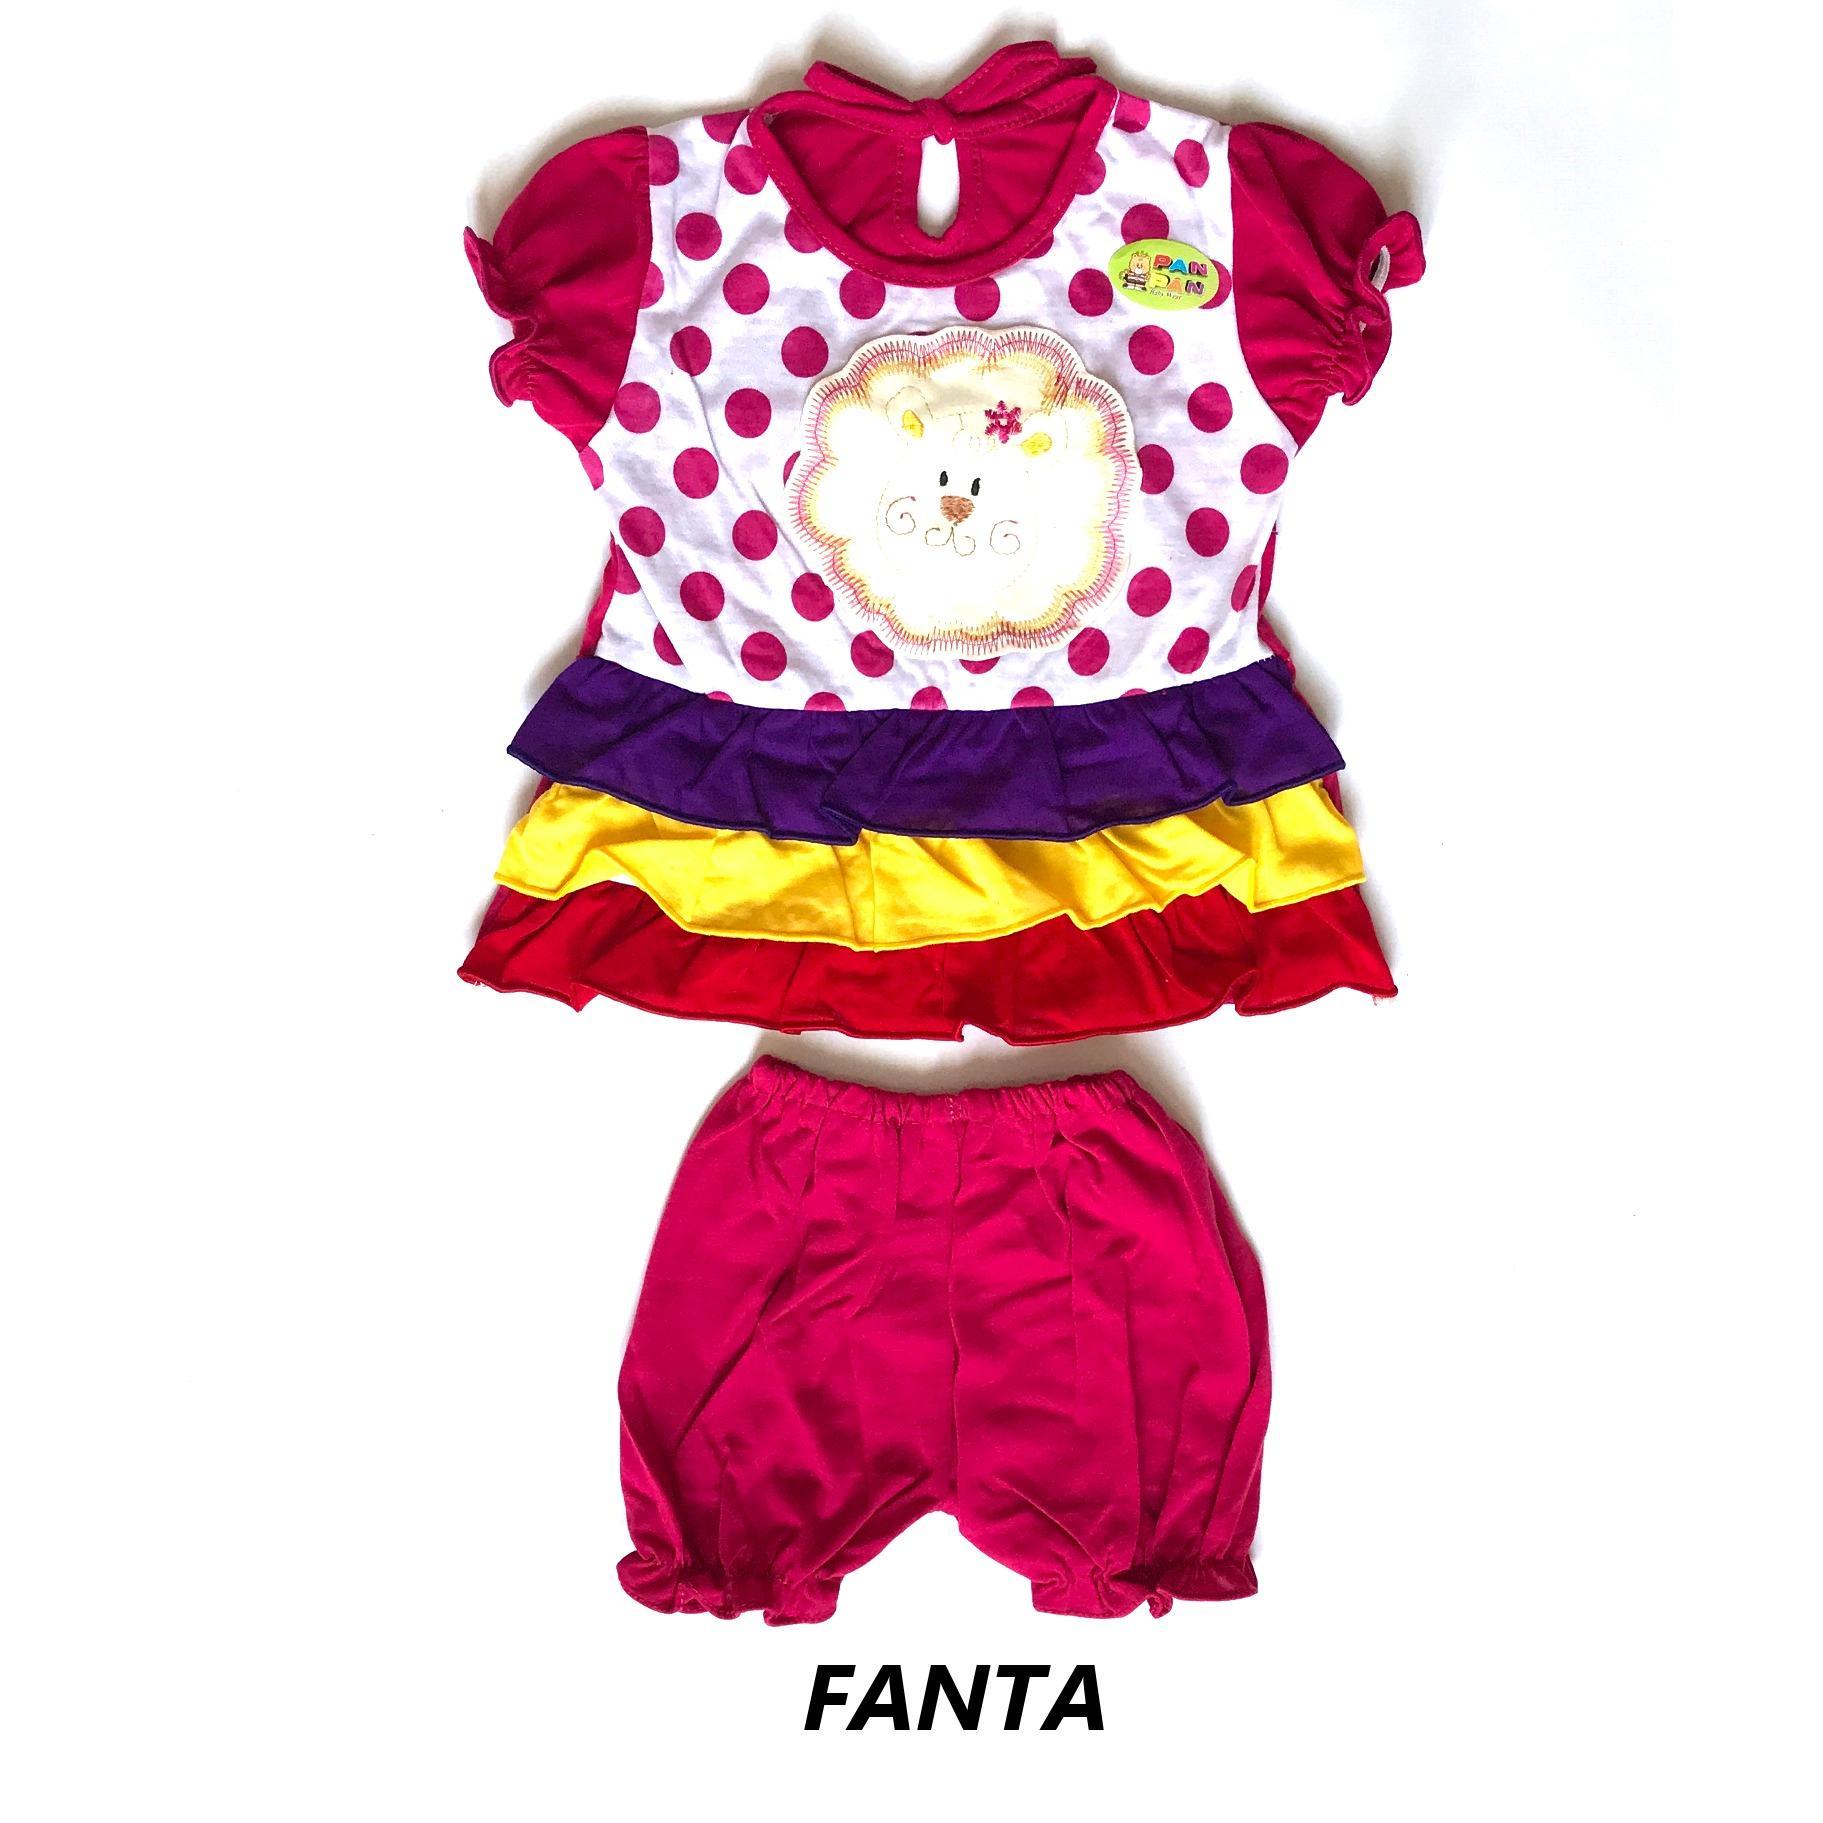 BAYIe - Setelan Baju bayi Perempuan motif SINGA PAN_PAN usia 3-12 bulan / Pakaian